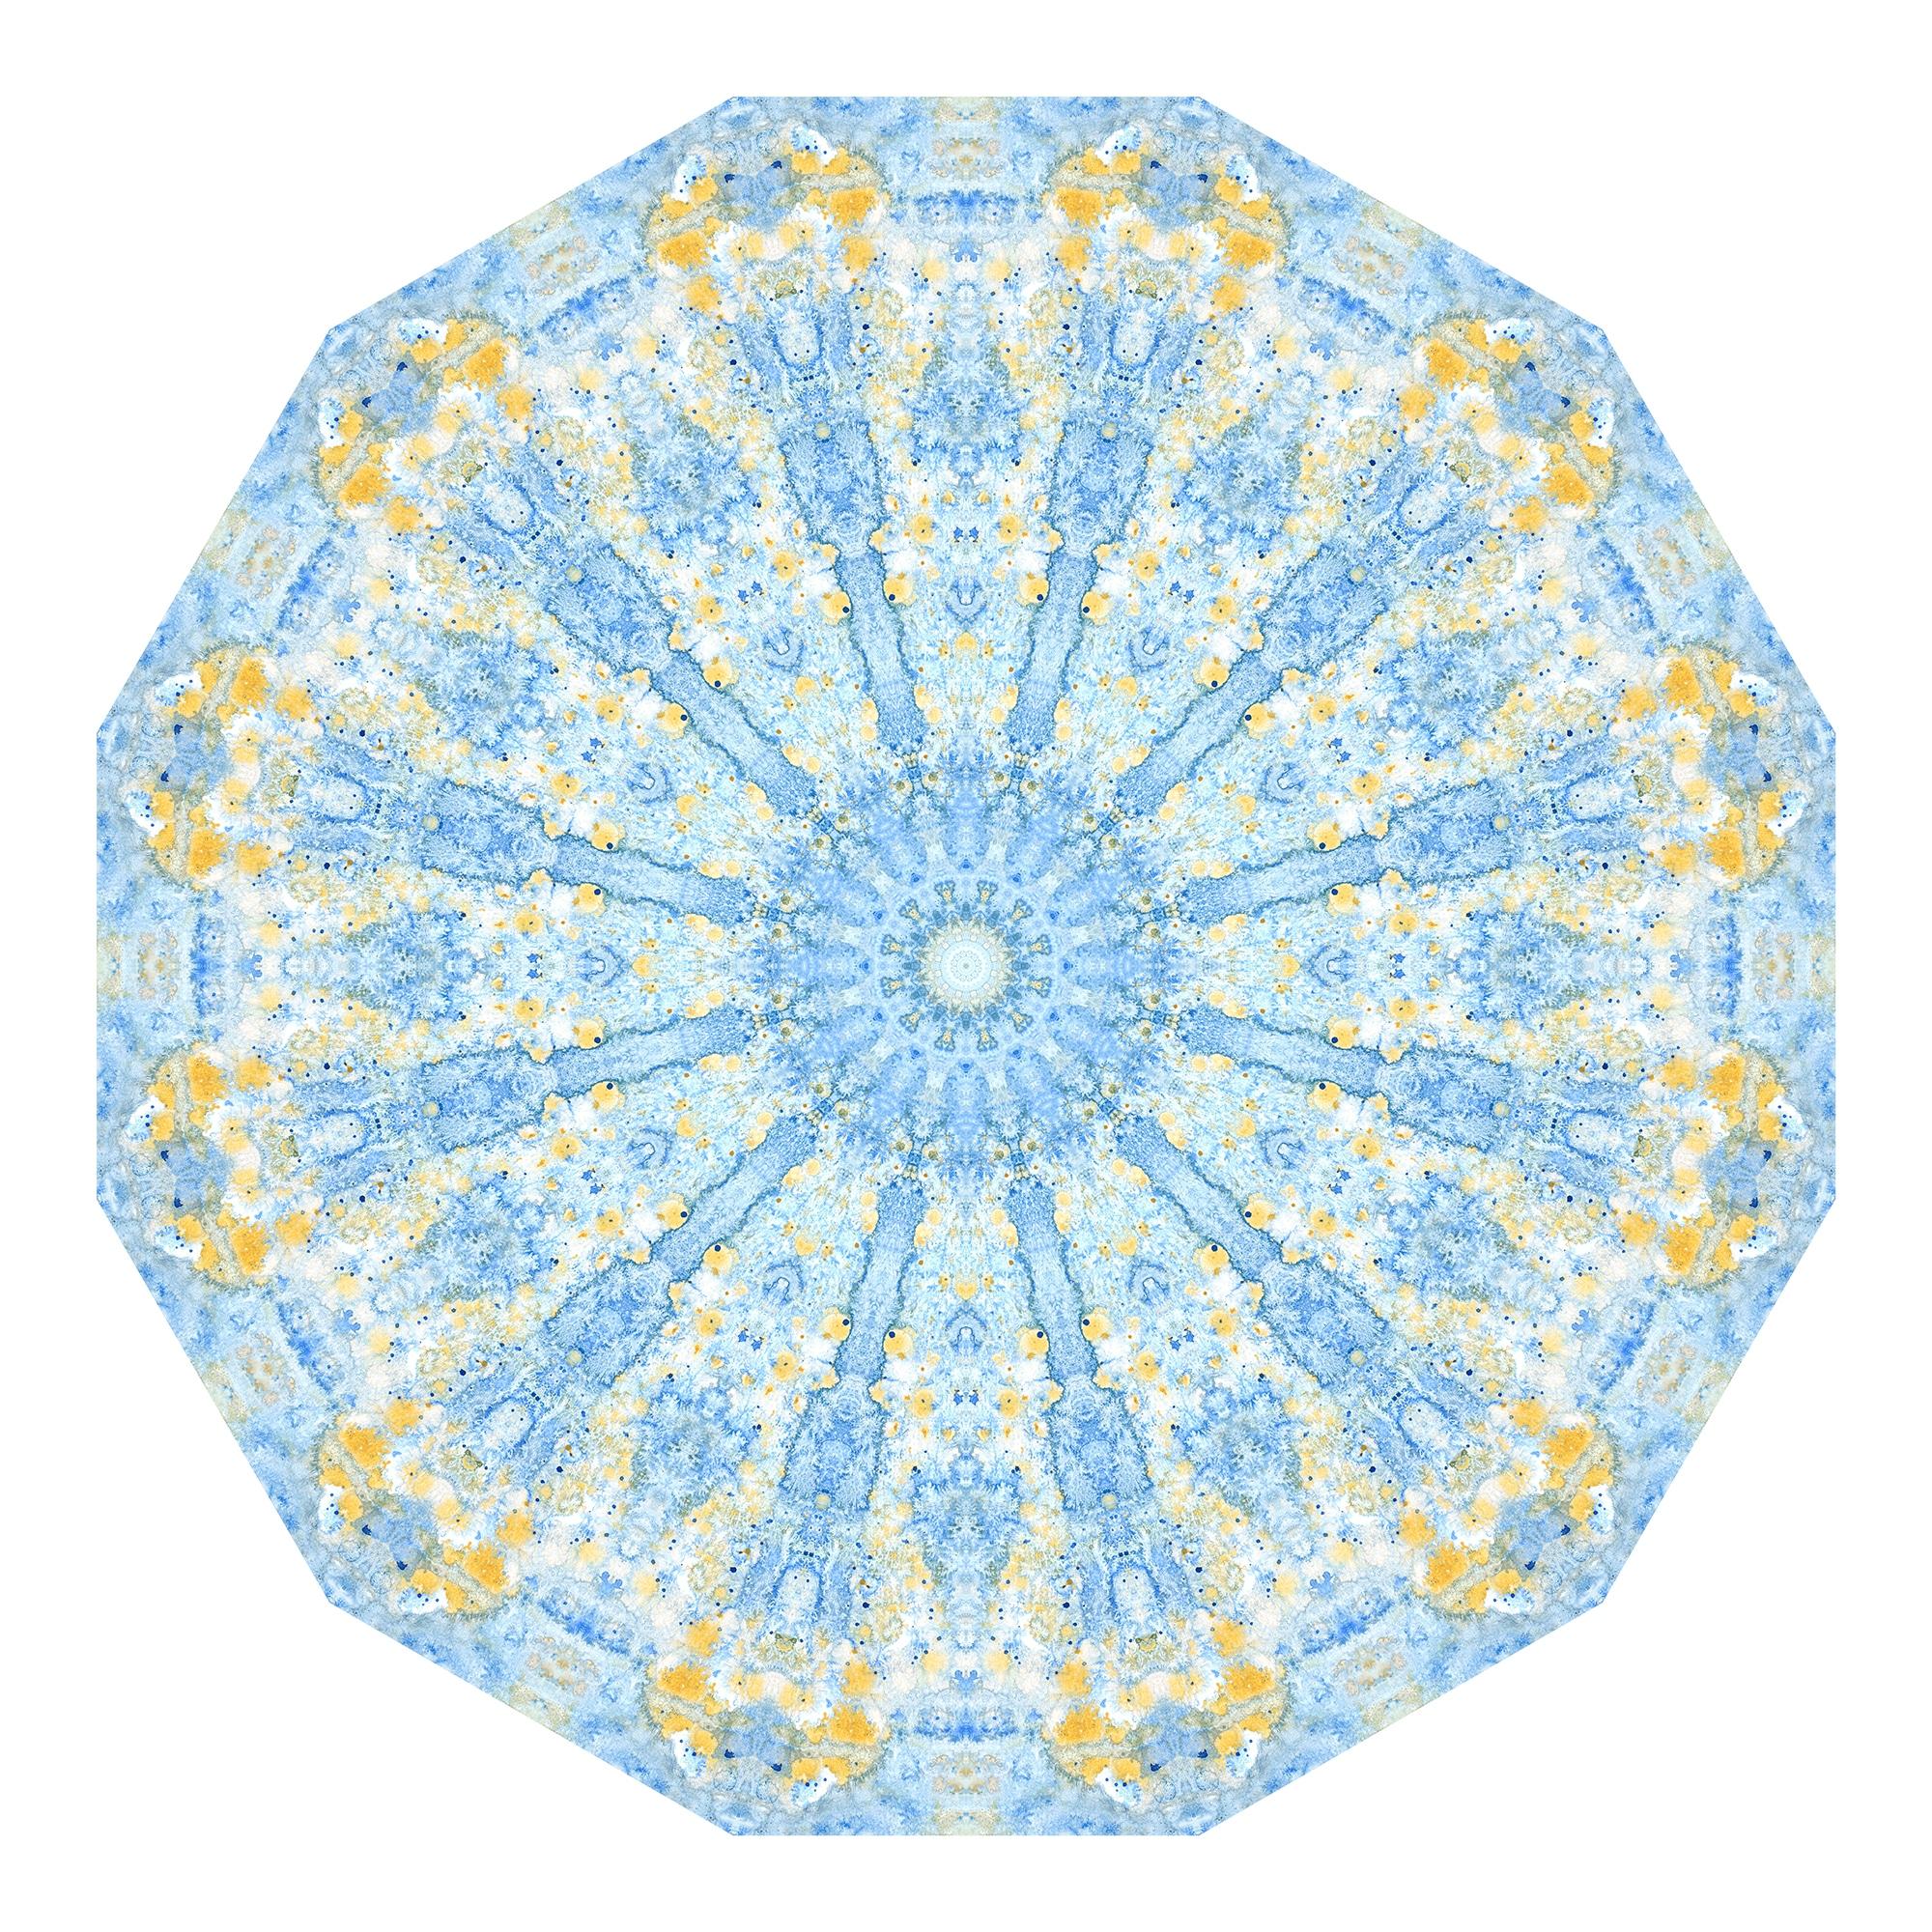 Blaues Aquarell 03